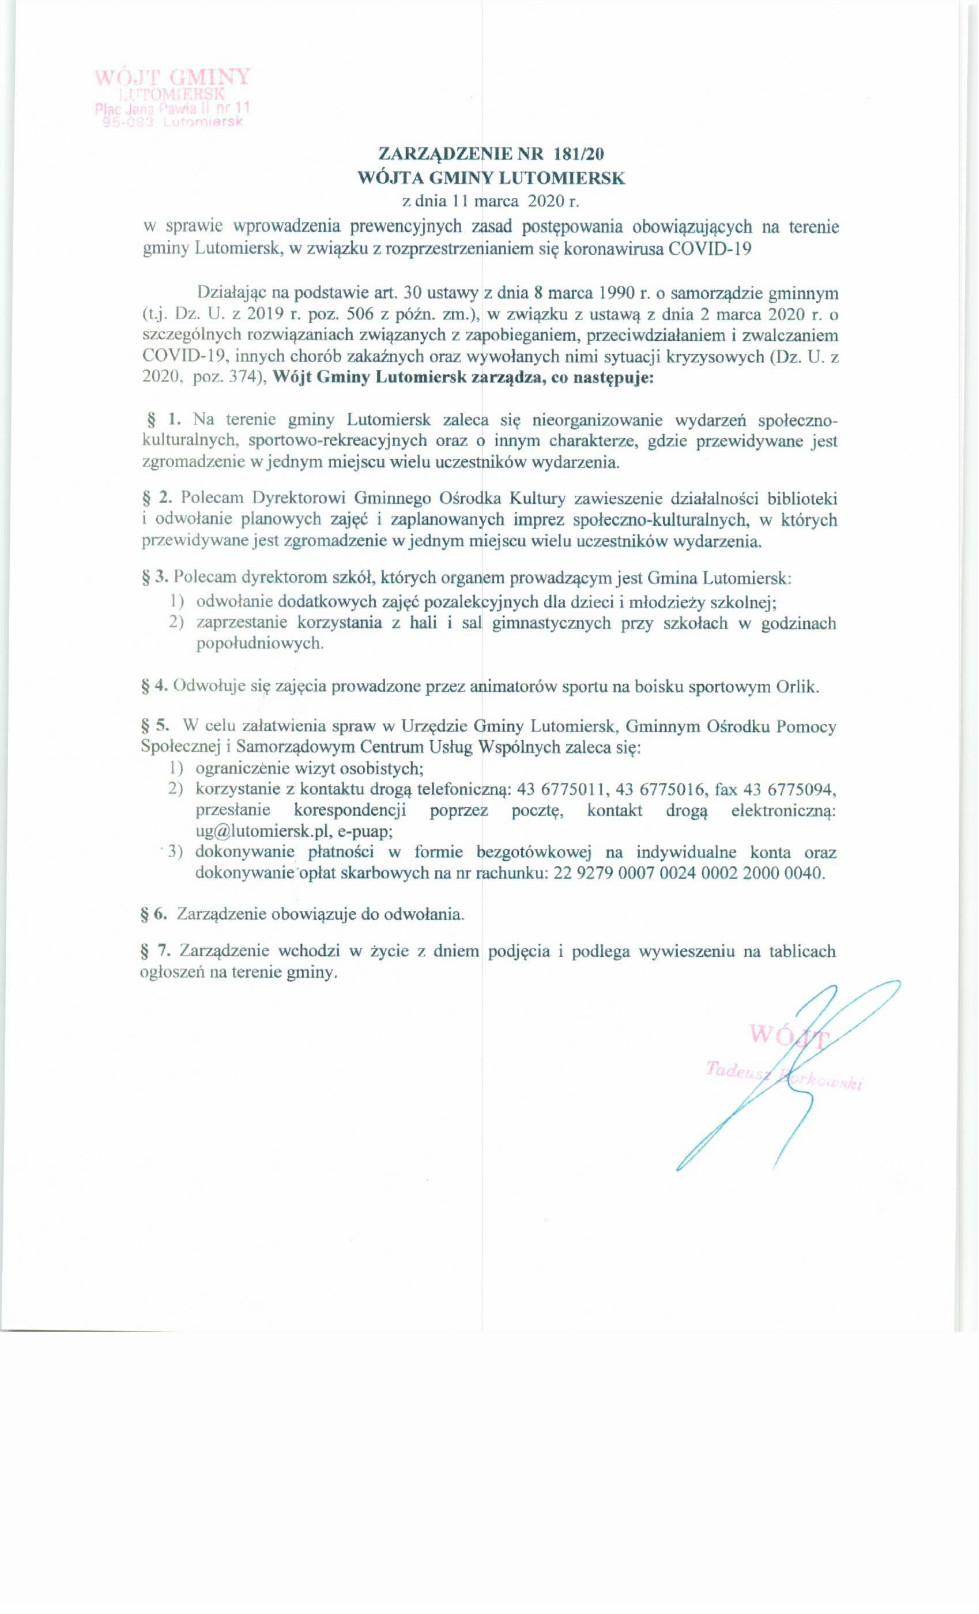 Zarządzenie Wójta Gminy Lutomiersk w sprawie wprowadzenia prewencyjnych zasad postępowania obowiązujących na terenie Gminy Lutomiersk, w związku z rozprzestrzenianiem się koronowirusa COVID-19